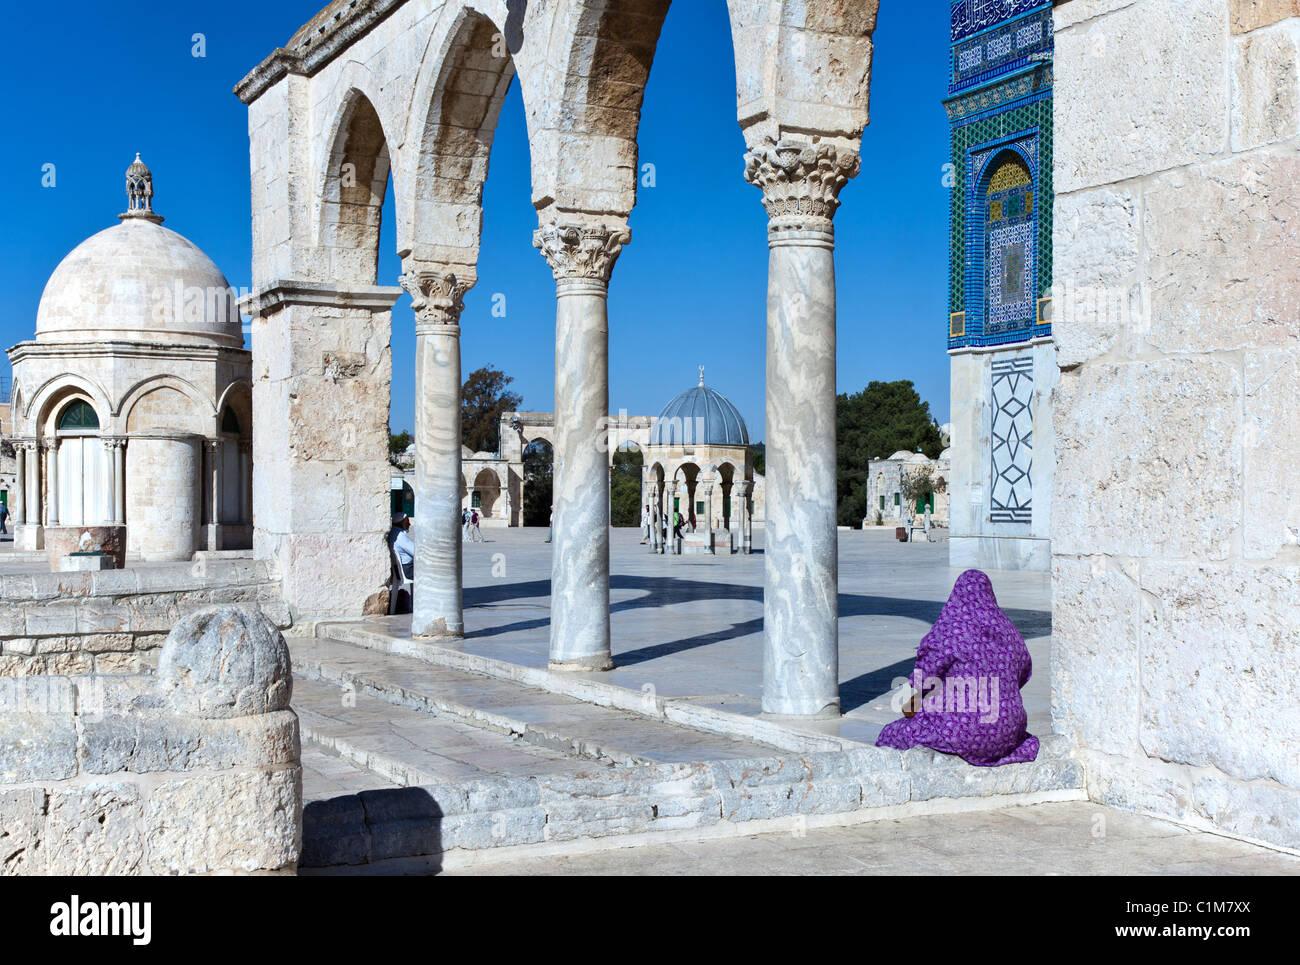 Israel, Jerusalén, una puerta de acceso al Monte del Templo (Har Habait) Imagen De Stock